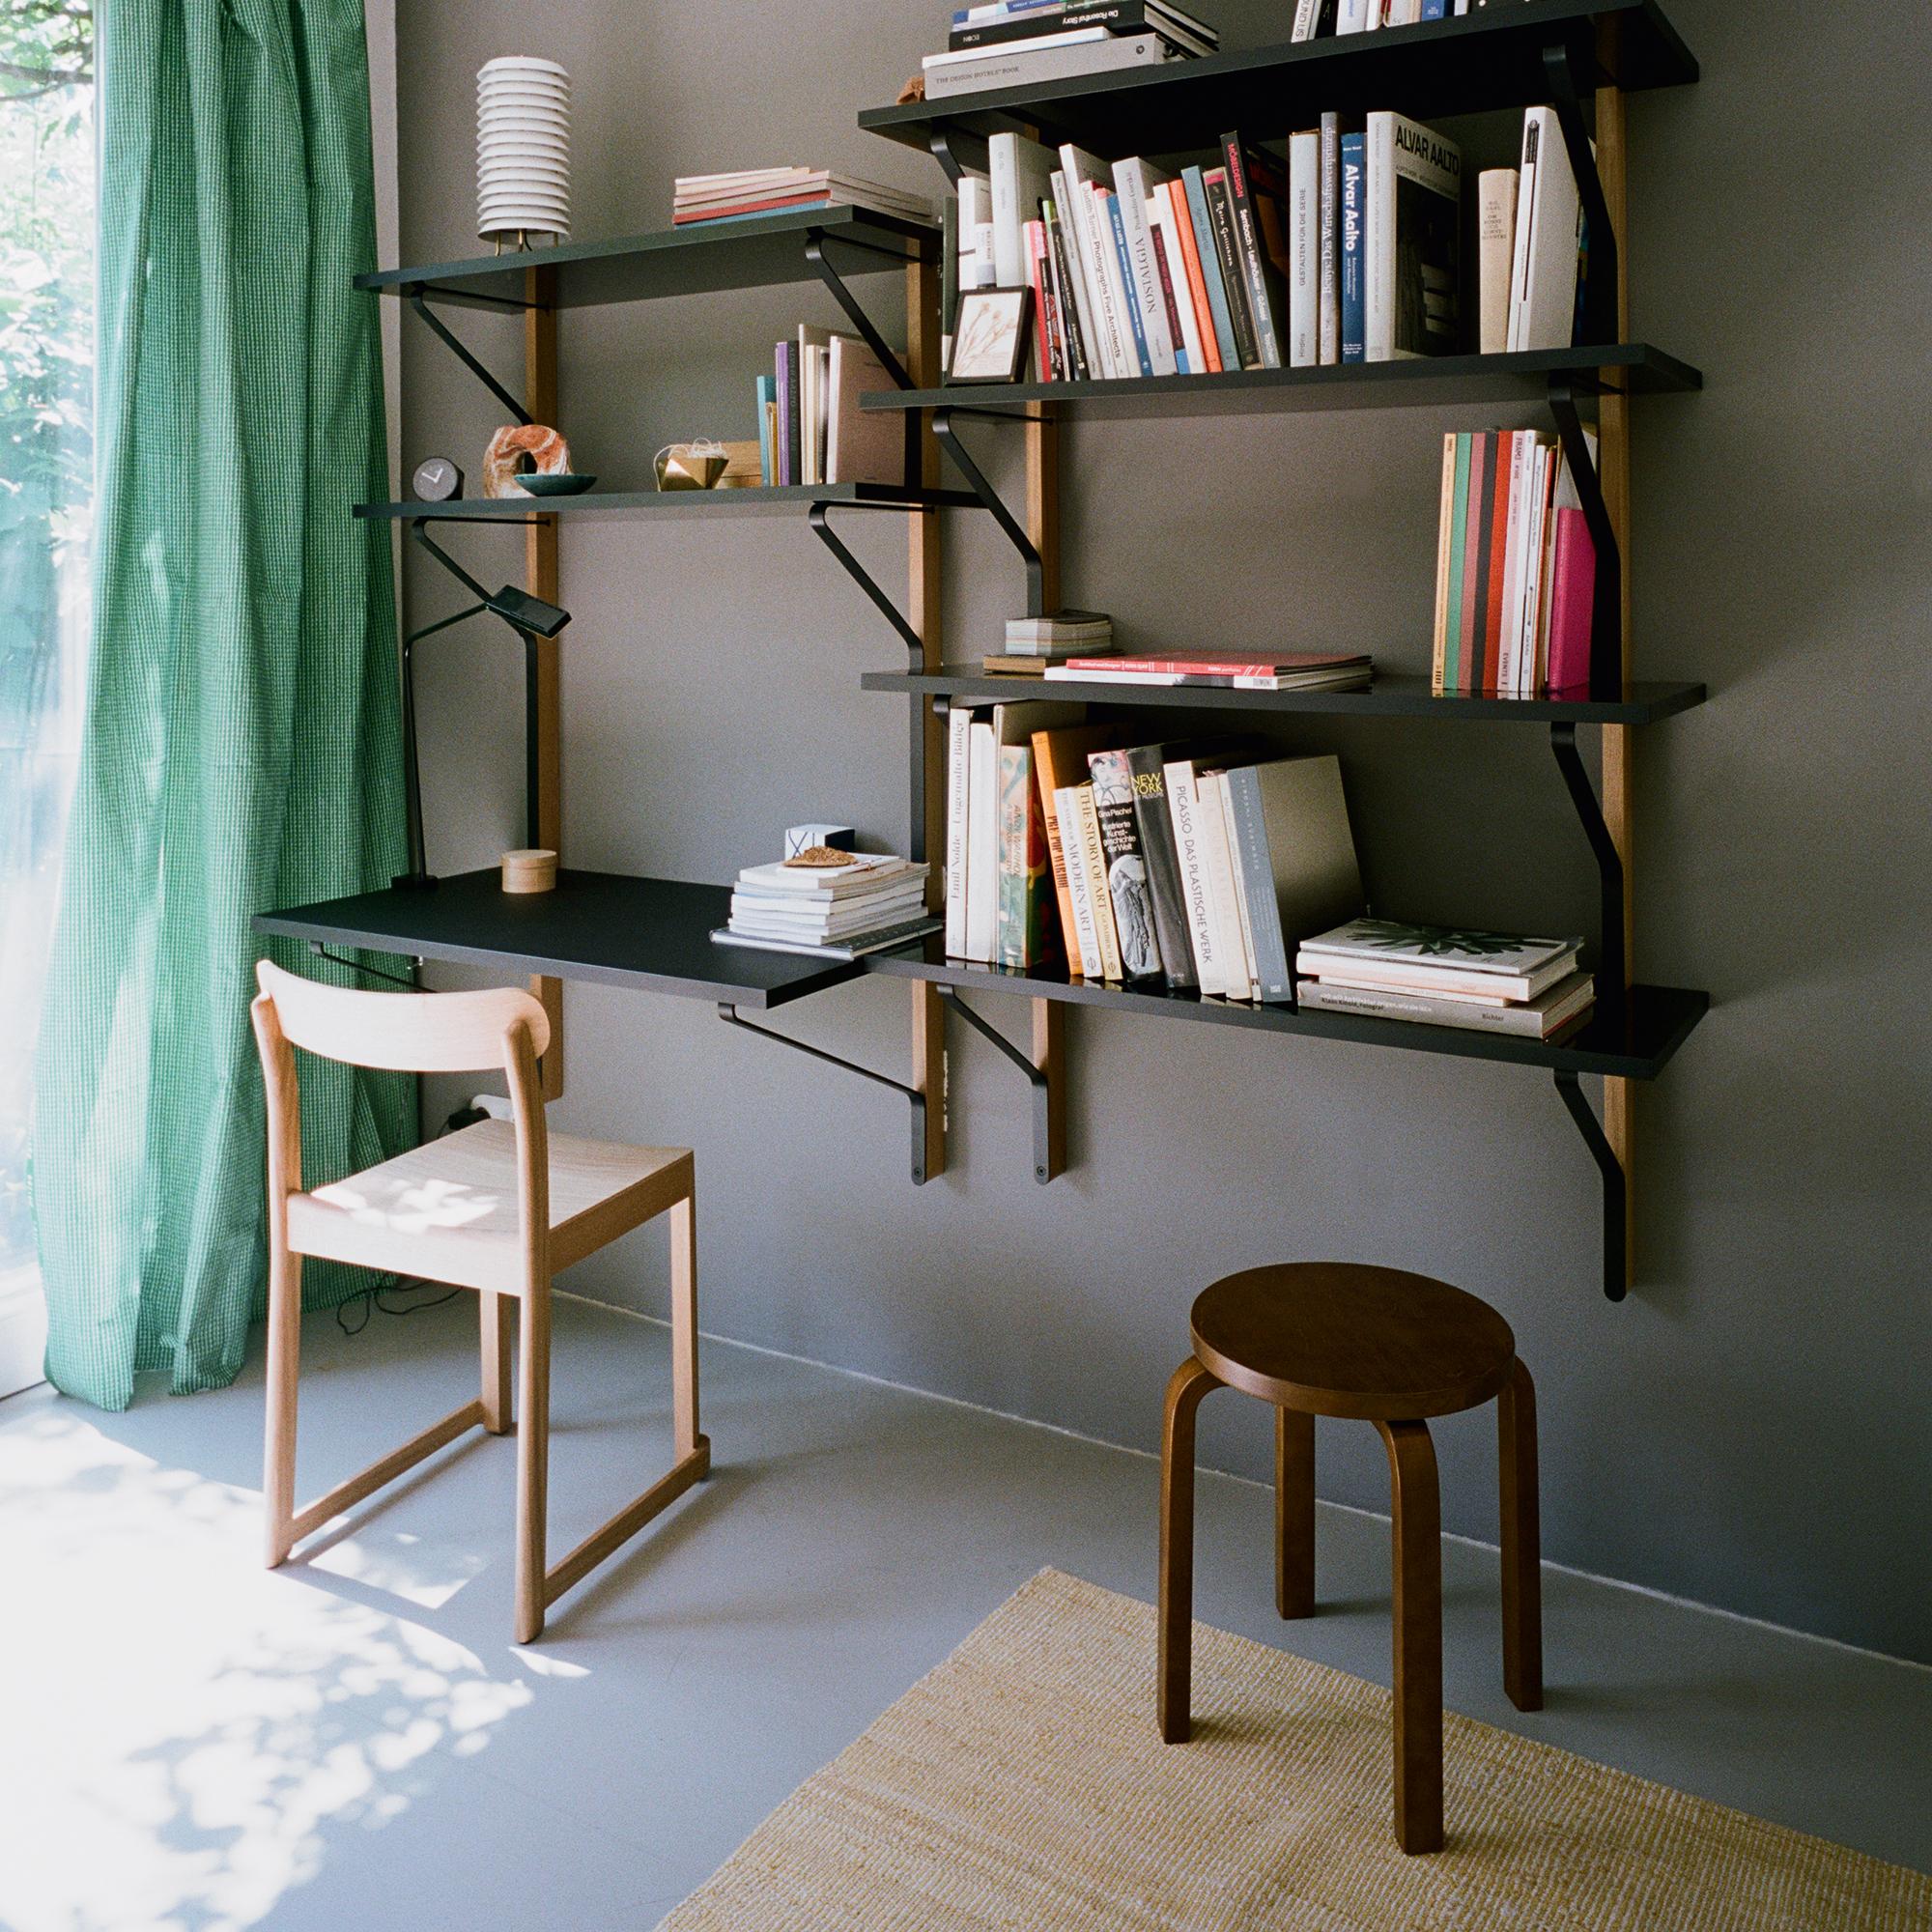 Atelier Chair Ek Natur